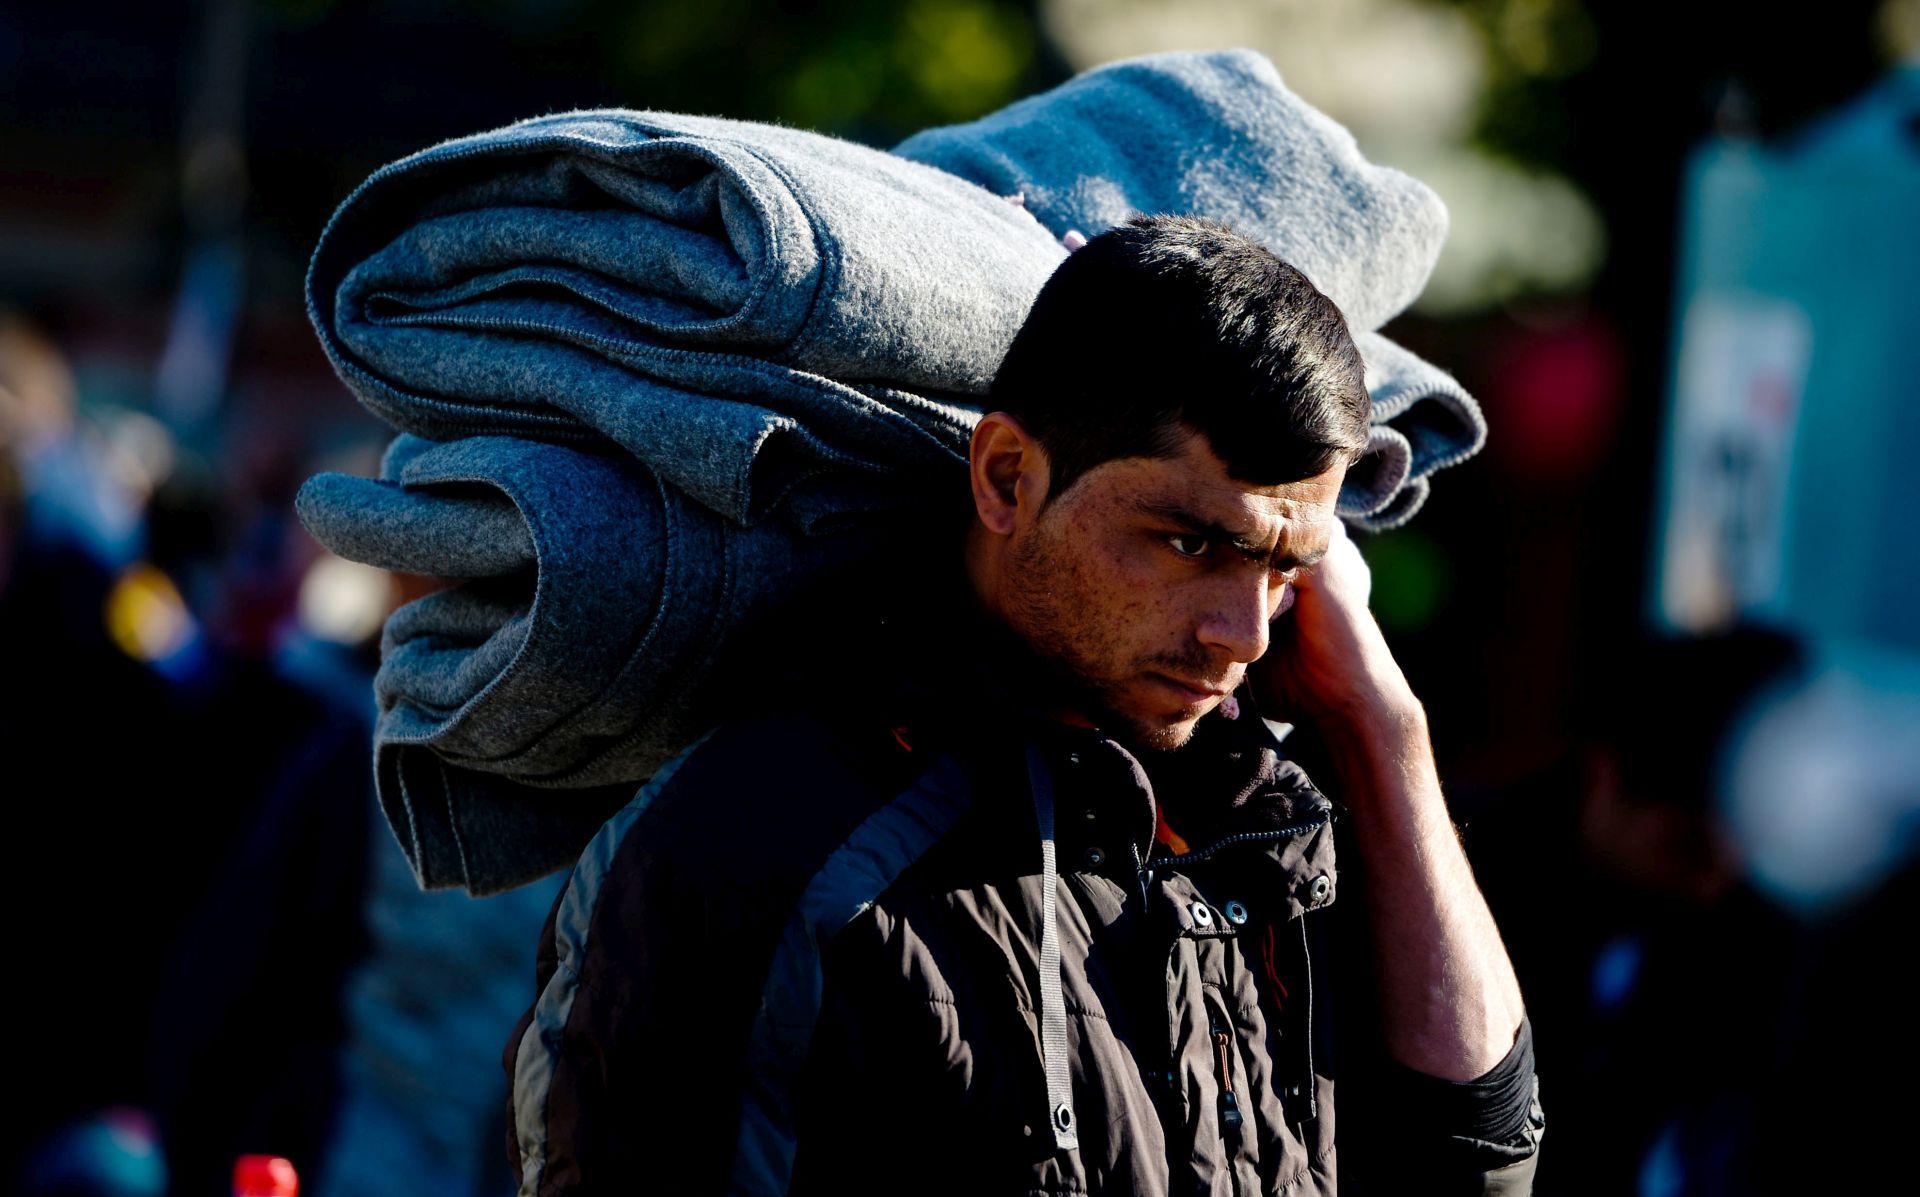 URED ZA MIGRACIJE: Njemačka očekuje manje od 300 tisuća izbjeglica